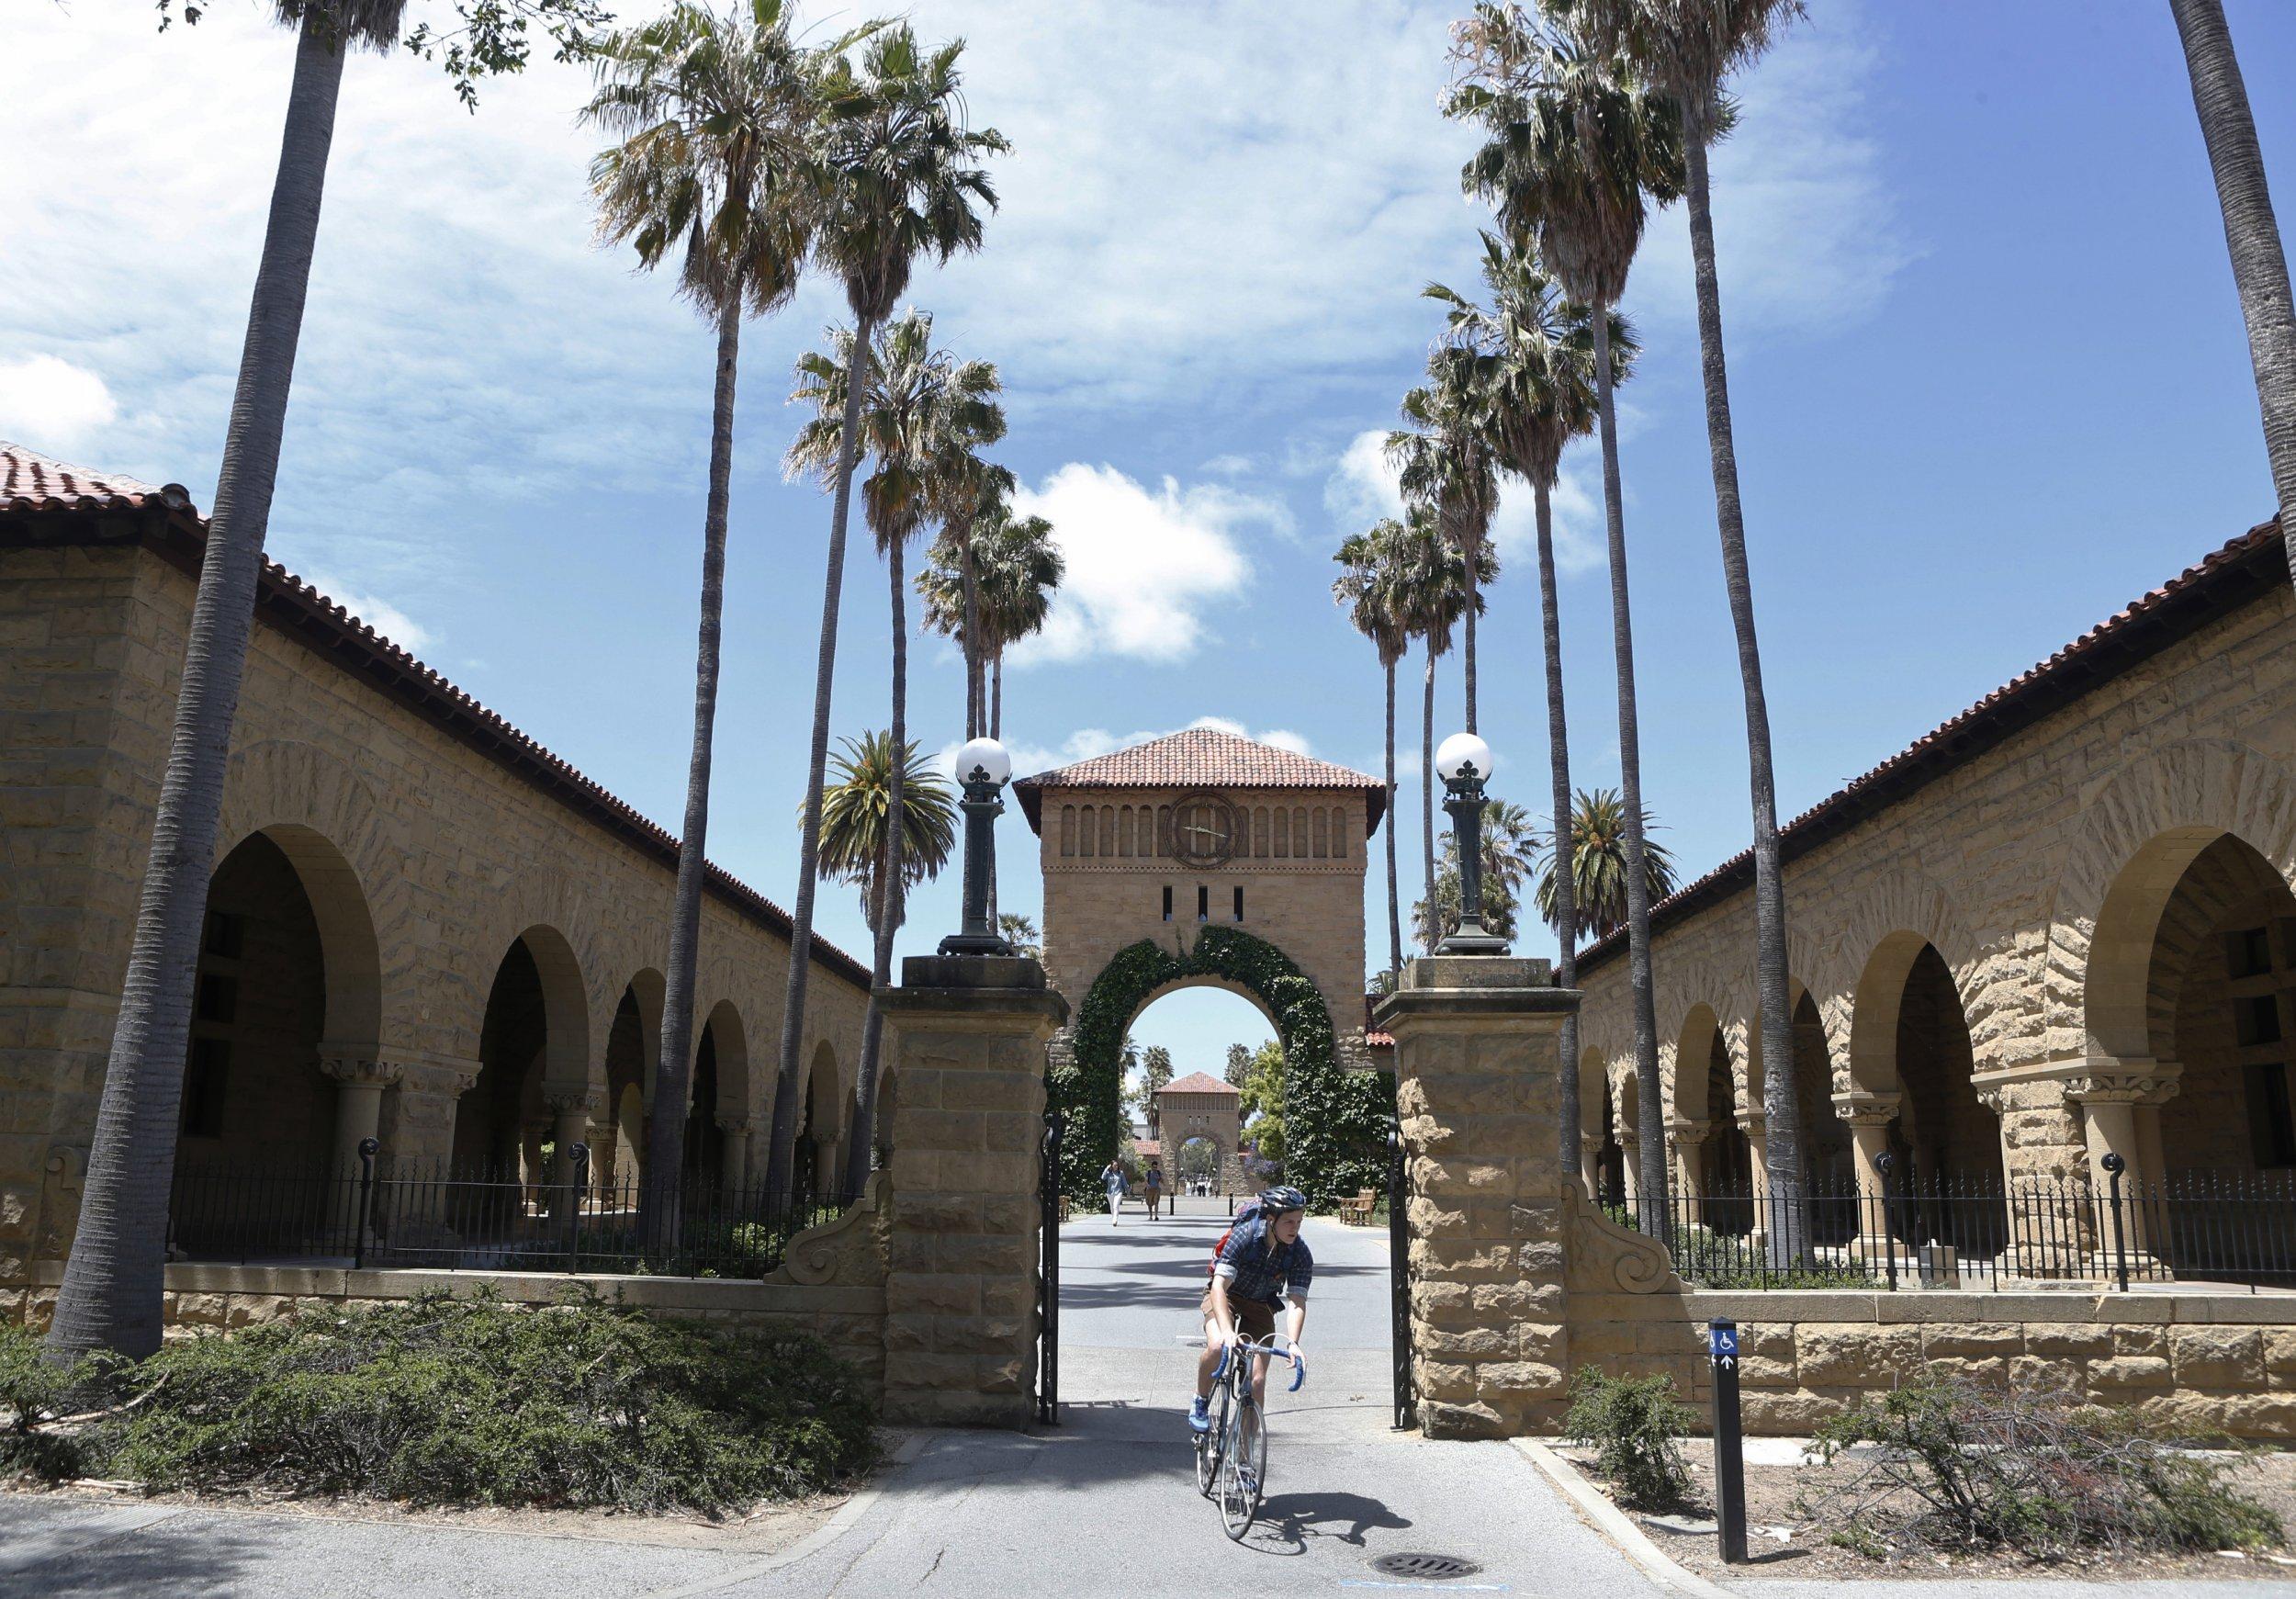 9-17-14 Stanford